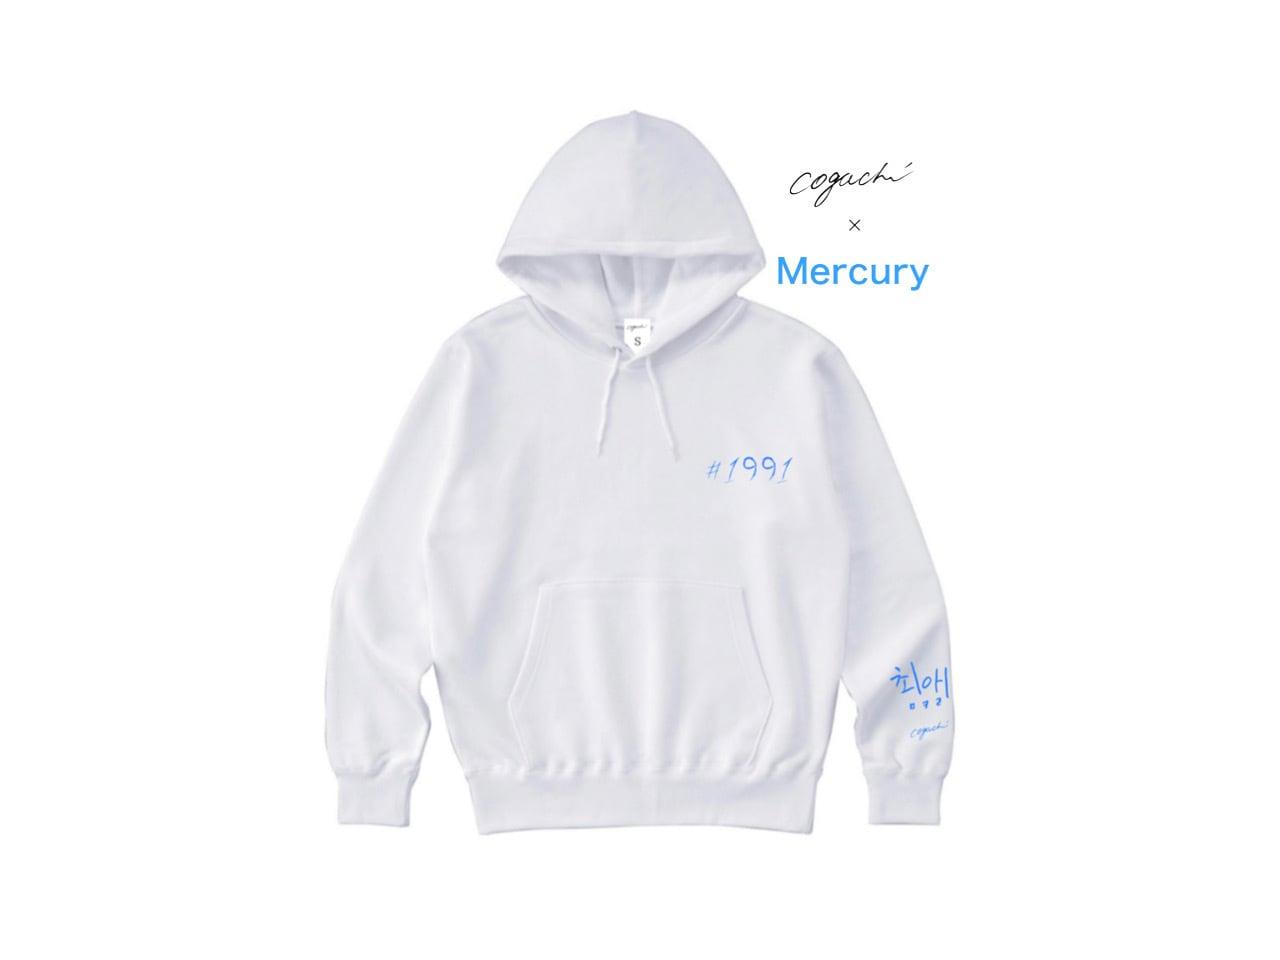 マーキュリー商事 Special Edition Collection 1991 hoodie (WH/LBL)